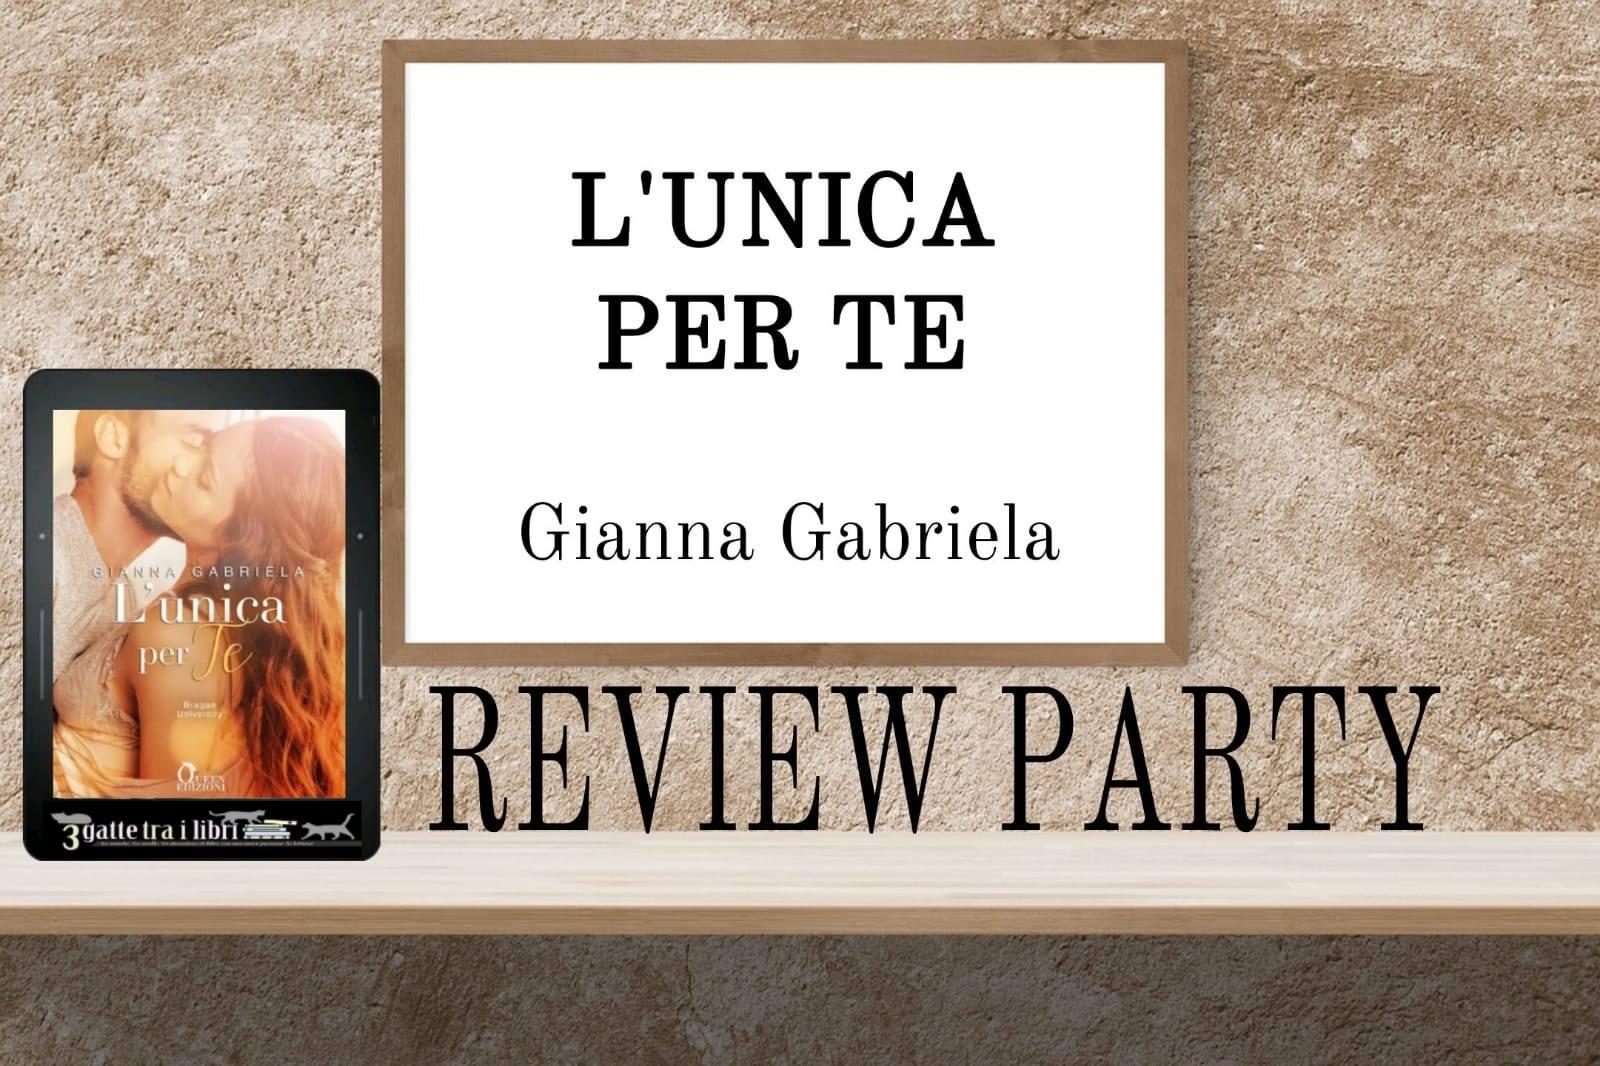 L'Unica Per Te di Gianna Gabriela